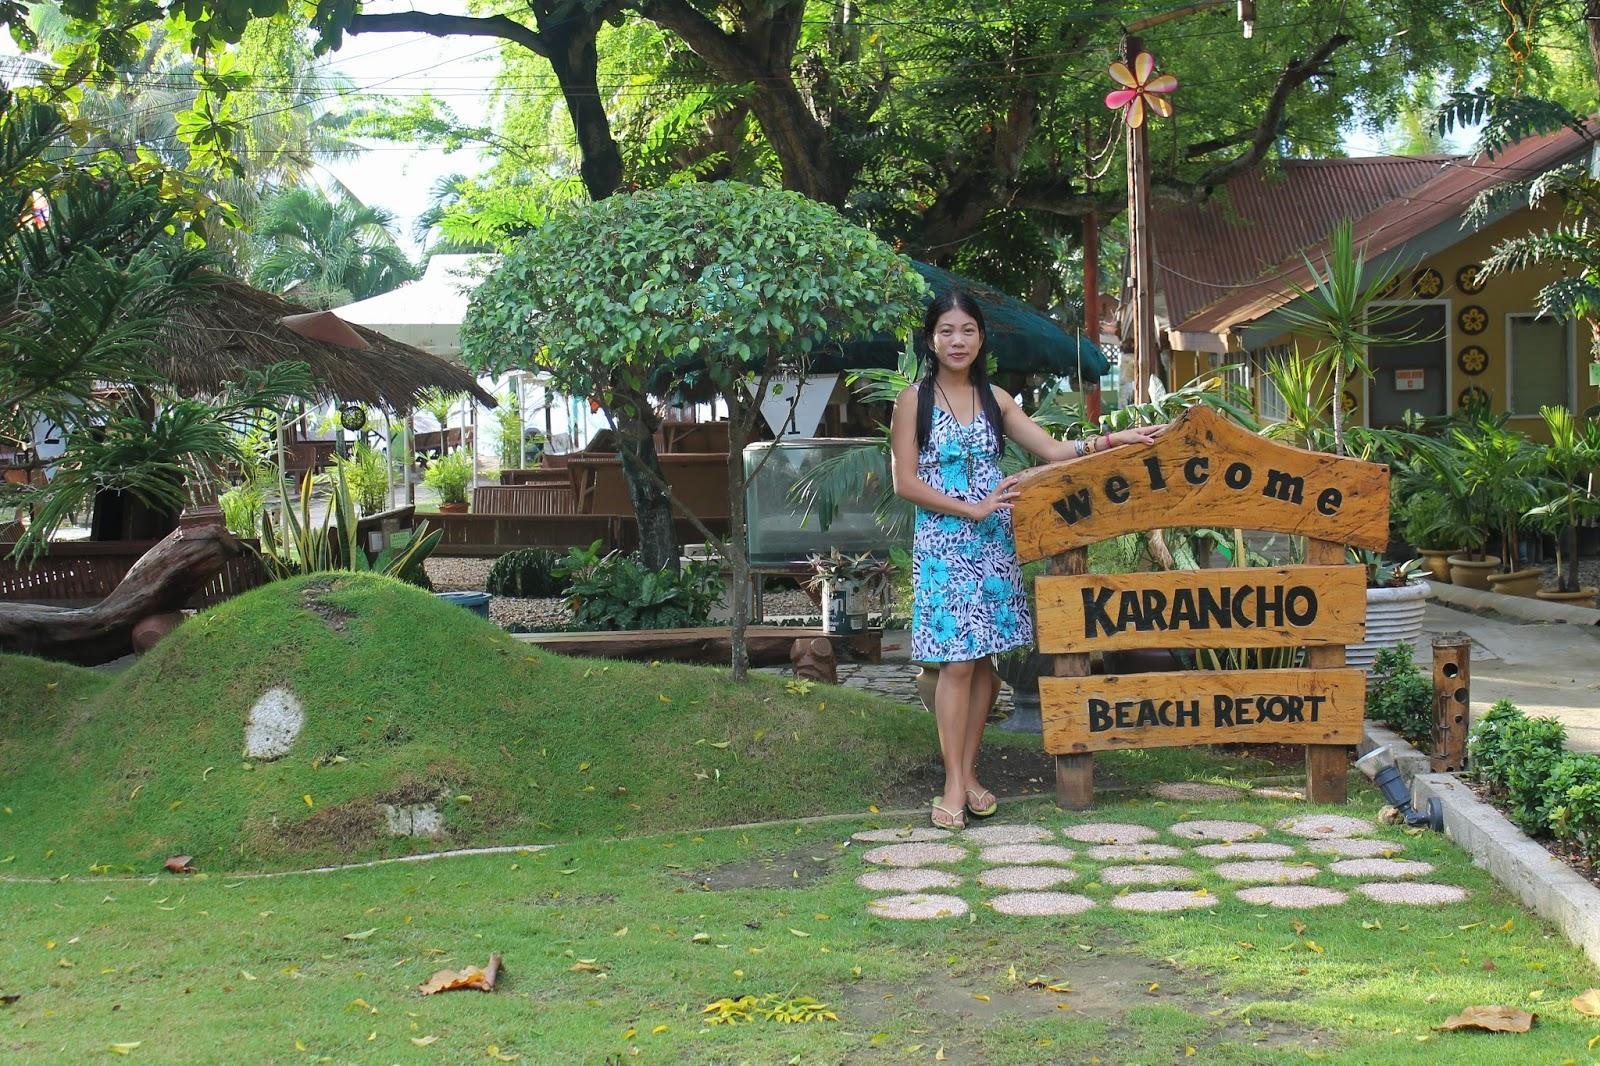 Special Morning Sunshine at Karancho Beach Resort in Marigondon